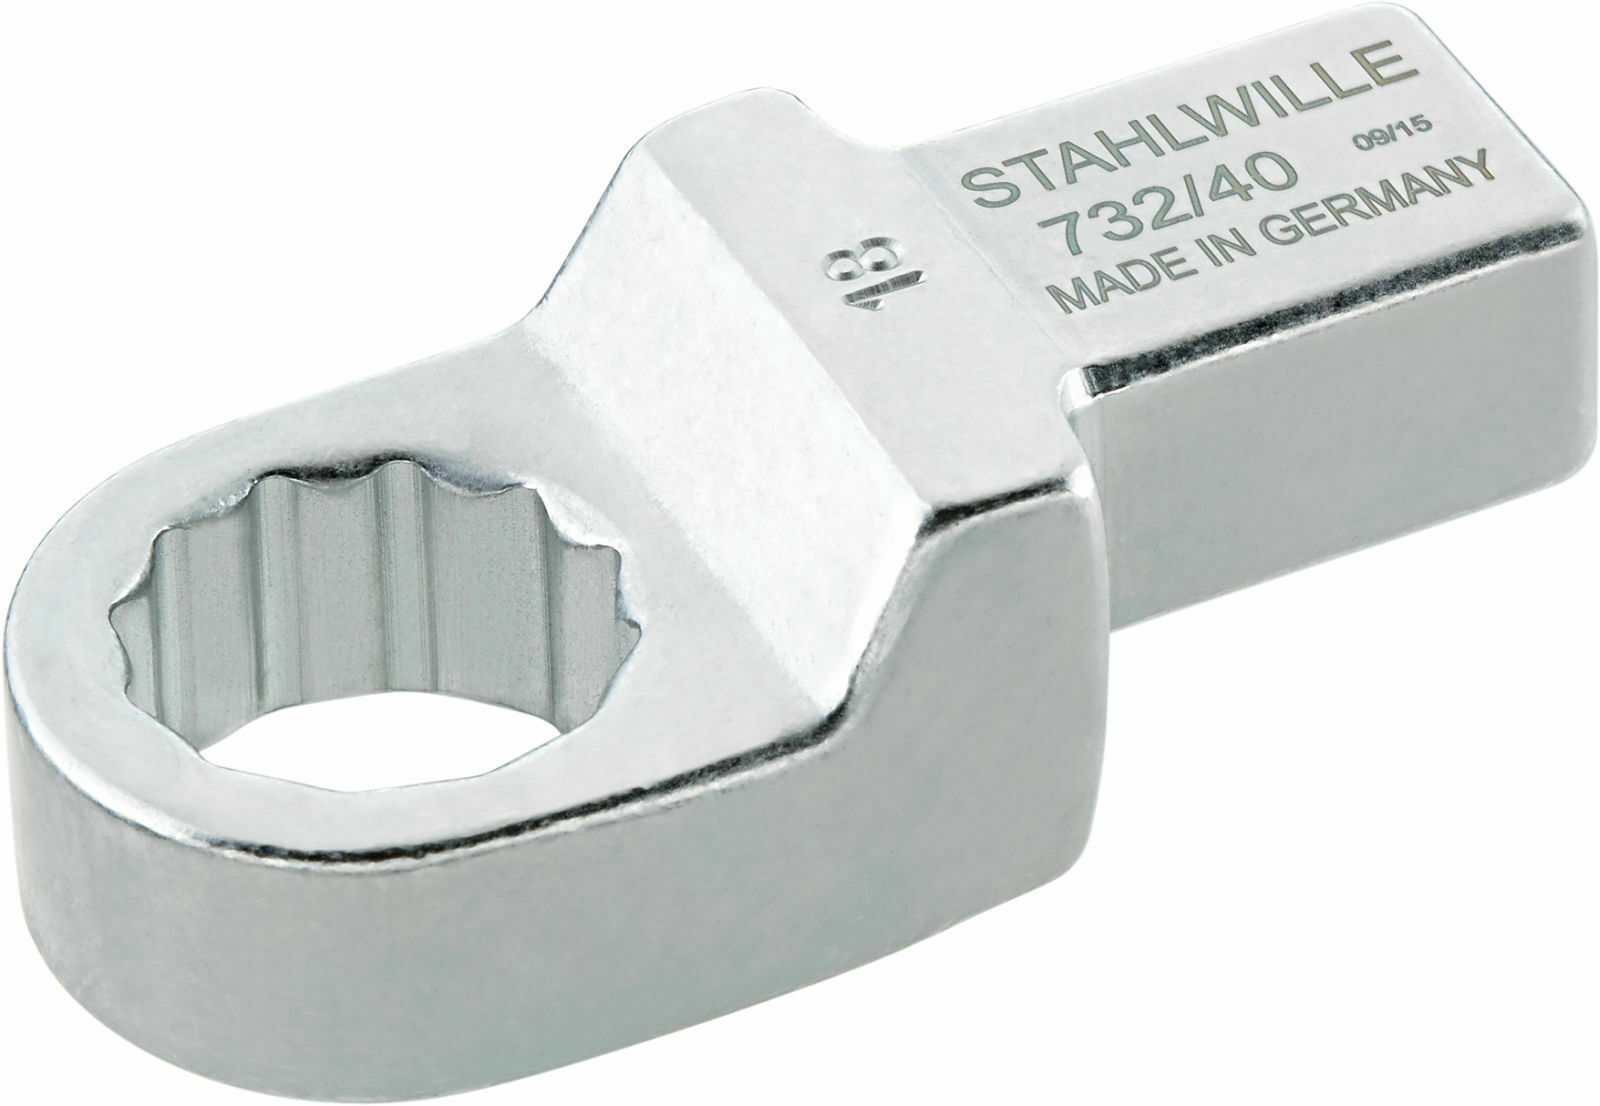 Stahlwille RING INSERT TOOL 14 X 18 MM 58624048